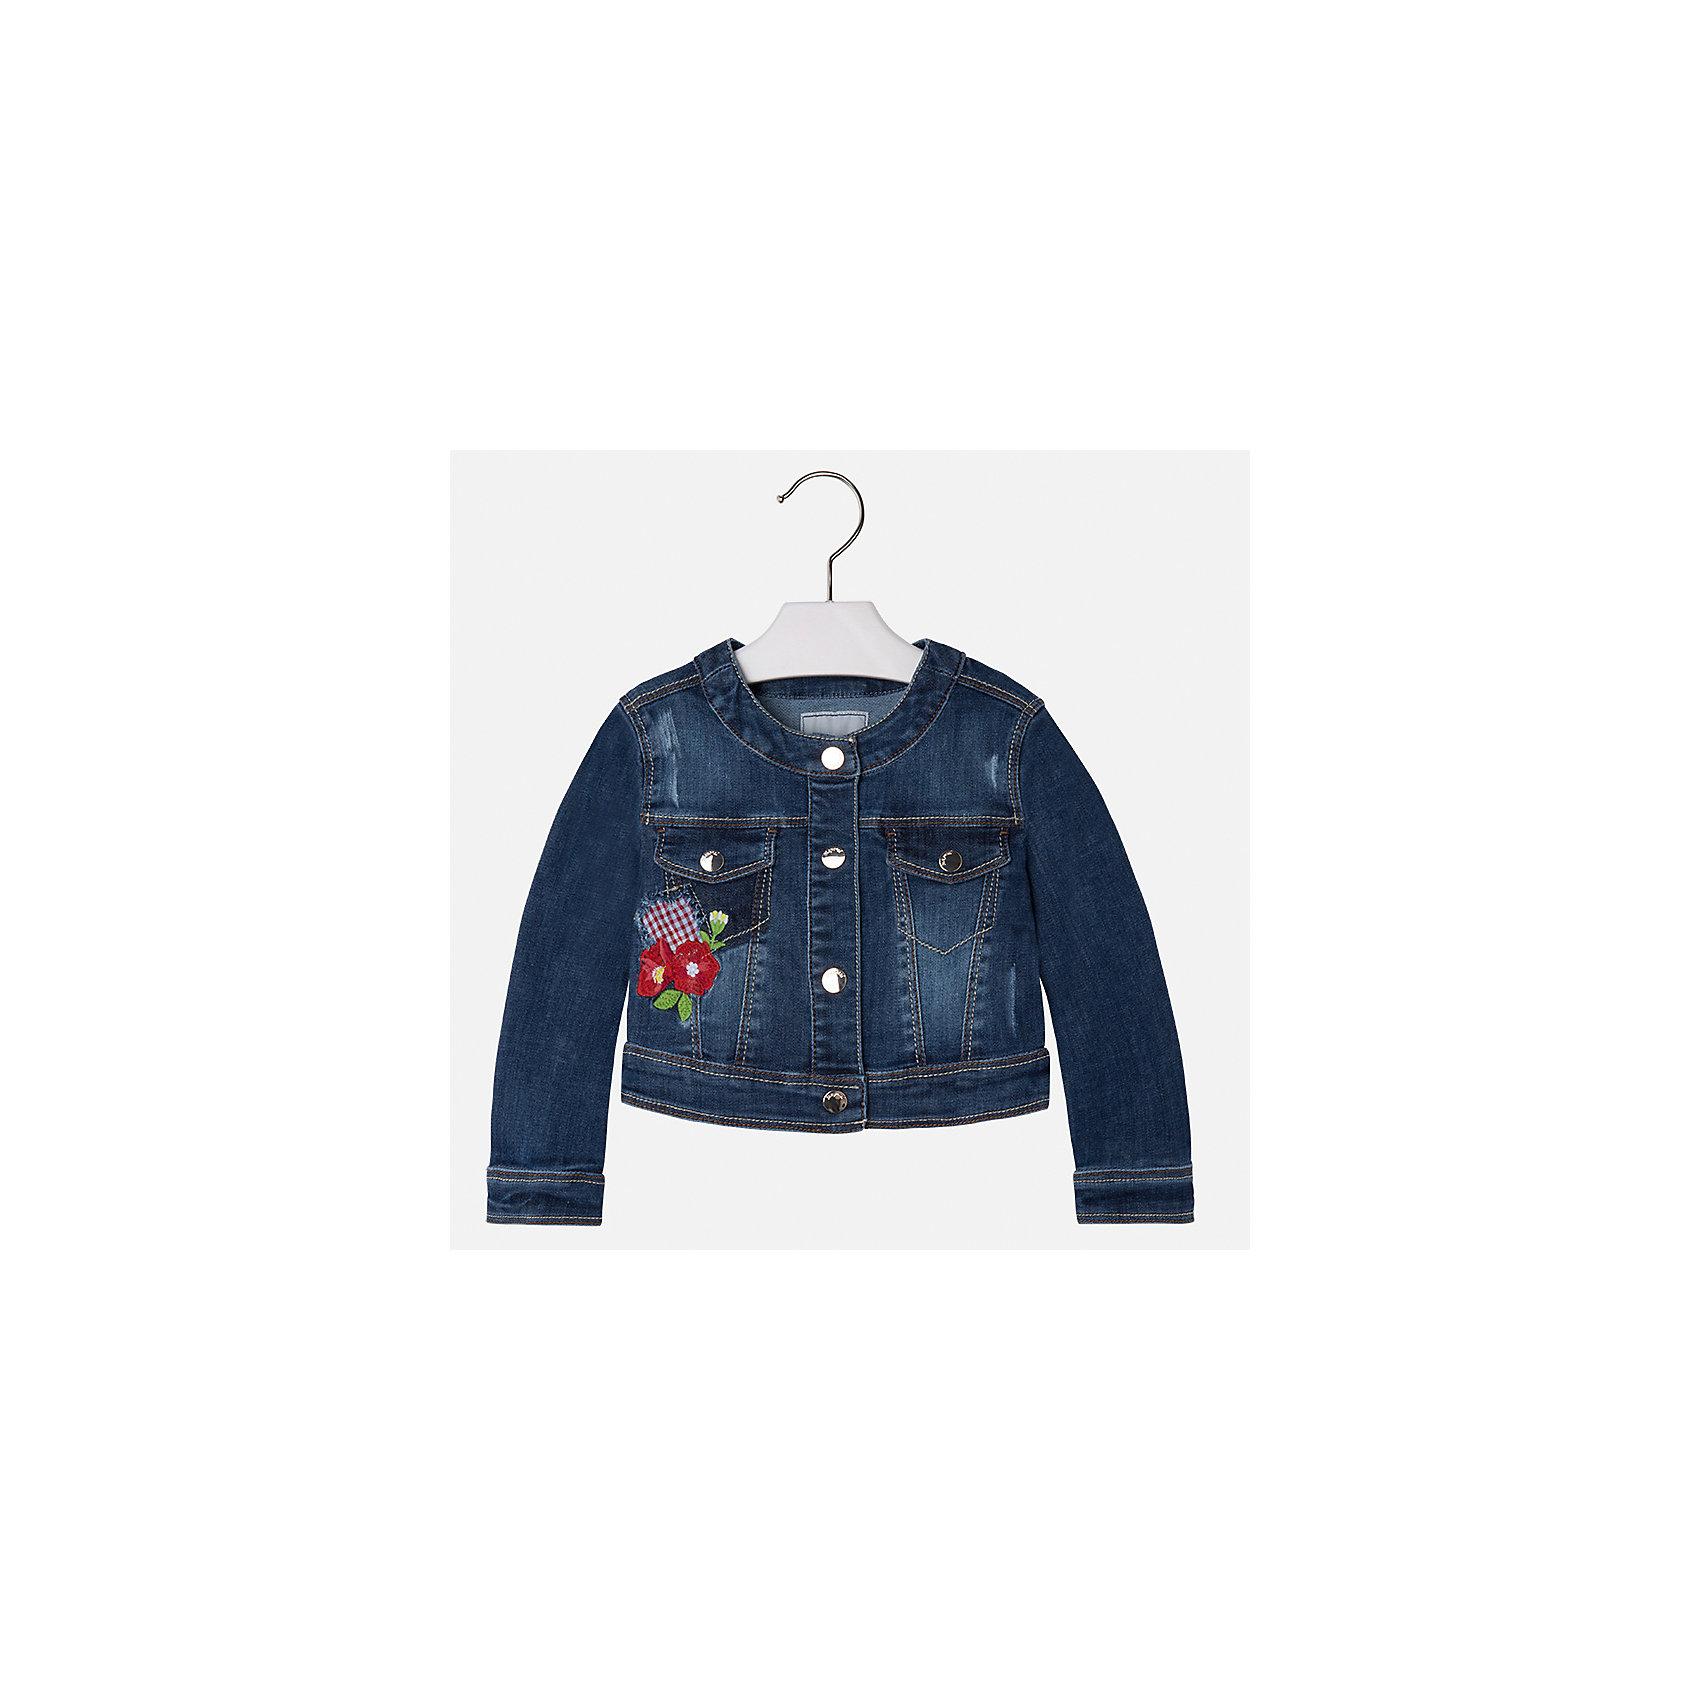 Куртка для девочки MayoralХарактеристики товара:<br><br>• цвет: синий<br>• состав: 81% полиэстер, 17% вискоза, 2% эластан<br>• температурный режим: от +20°до +10°С<br>• вышивка<br>• карманы<br>• с длинными рукавами <br>• застежки: кнопки<br>• страна бренда: Испания<br><br>Удобная и модная куртка для девочки поможет разнообразить гардероб ребенка и обеспечить тепло в прохладную погоду. Она отлично сочетается и с юбками, и с брюками. Красивый цвет позволяет подобрать к вещи низ различных расцветок. Интересная отделка модели делает её нарядной и стильной. Оригинальной и модной куртку делает красивая вышивка.<br><br>Одежда, обувь и аксессуары от испанского бренда Mayoral полюбились детям и взрослым по всему миру. Модели этой марки - стильные и удобные. Для их производства используются только безопасные, качественные материалы и фурнитура. Порадуйте ребенка модными и красивыми вещами от Mayoral! <br><br>Куртку для девочки от испанского бренда Mayoral (Майорал) можно купить в нашем интернет-магазине.<br><br>Ширина мм: 356<br>Глубина мм: 10<br>Высота мм: 245<br>Вес г: 519<br>Цвет: разноцветный<br>Возраст от месяцев: 96<br>Возраст до месяцев: 108<br>Пол: Женский<br>Возраст: Детский<br>Размер: 134,92,98,104,110,116,122,128<br>SKU: 5290118